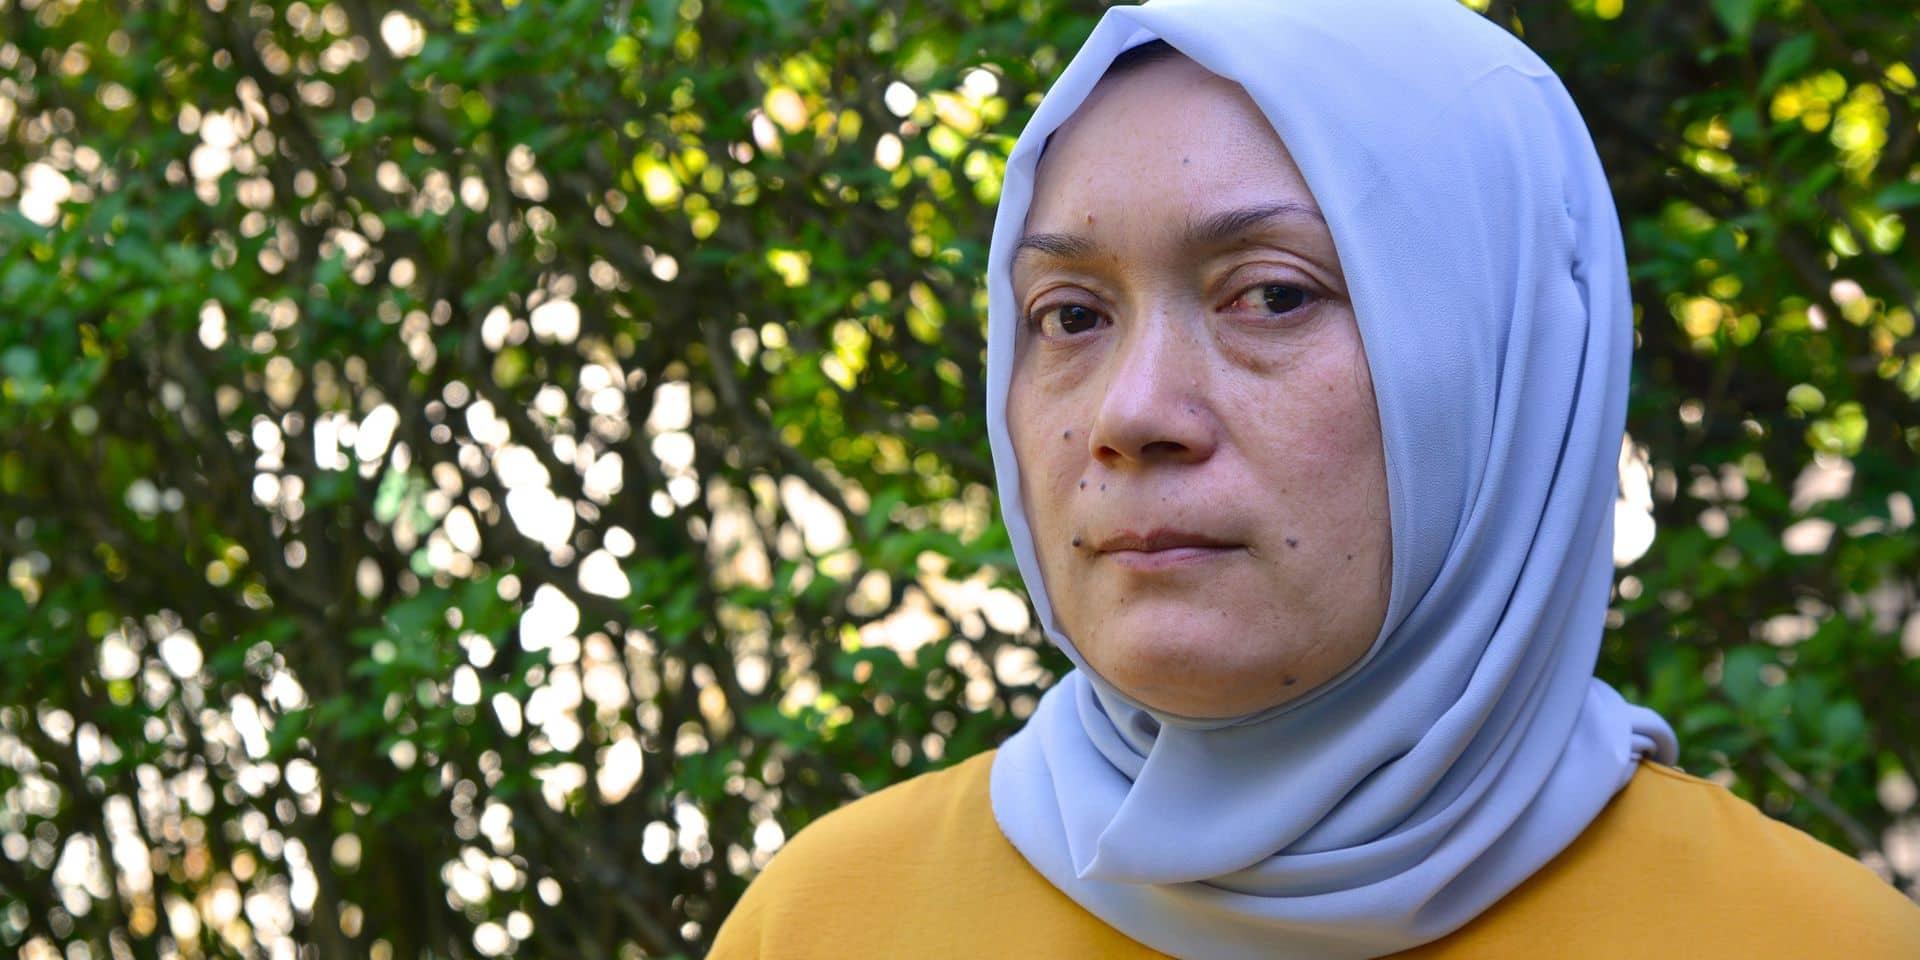 """Des femmes ouïghoures témoignent des violences subies dans leurs entrailles: """"Un médecin belge m'a appris que j'avais été stérilisée en Chine. Je l'ignorais…"""""""